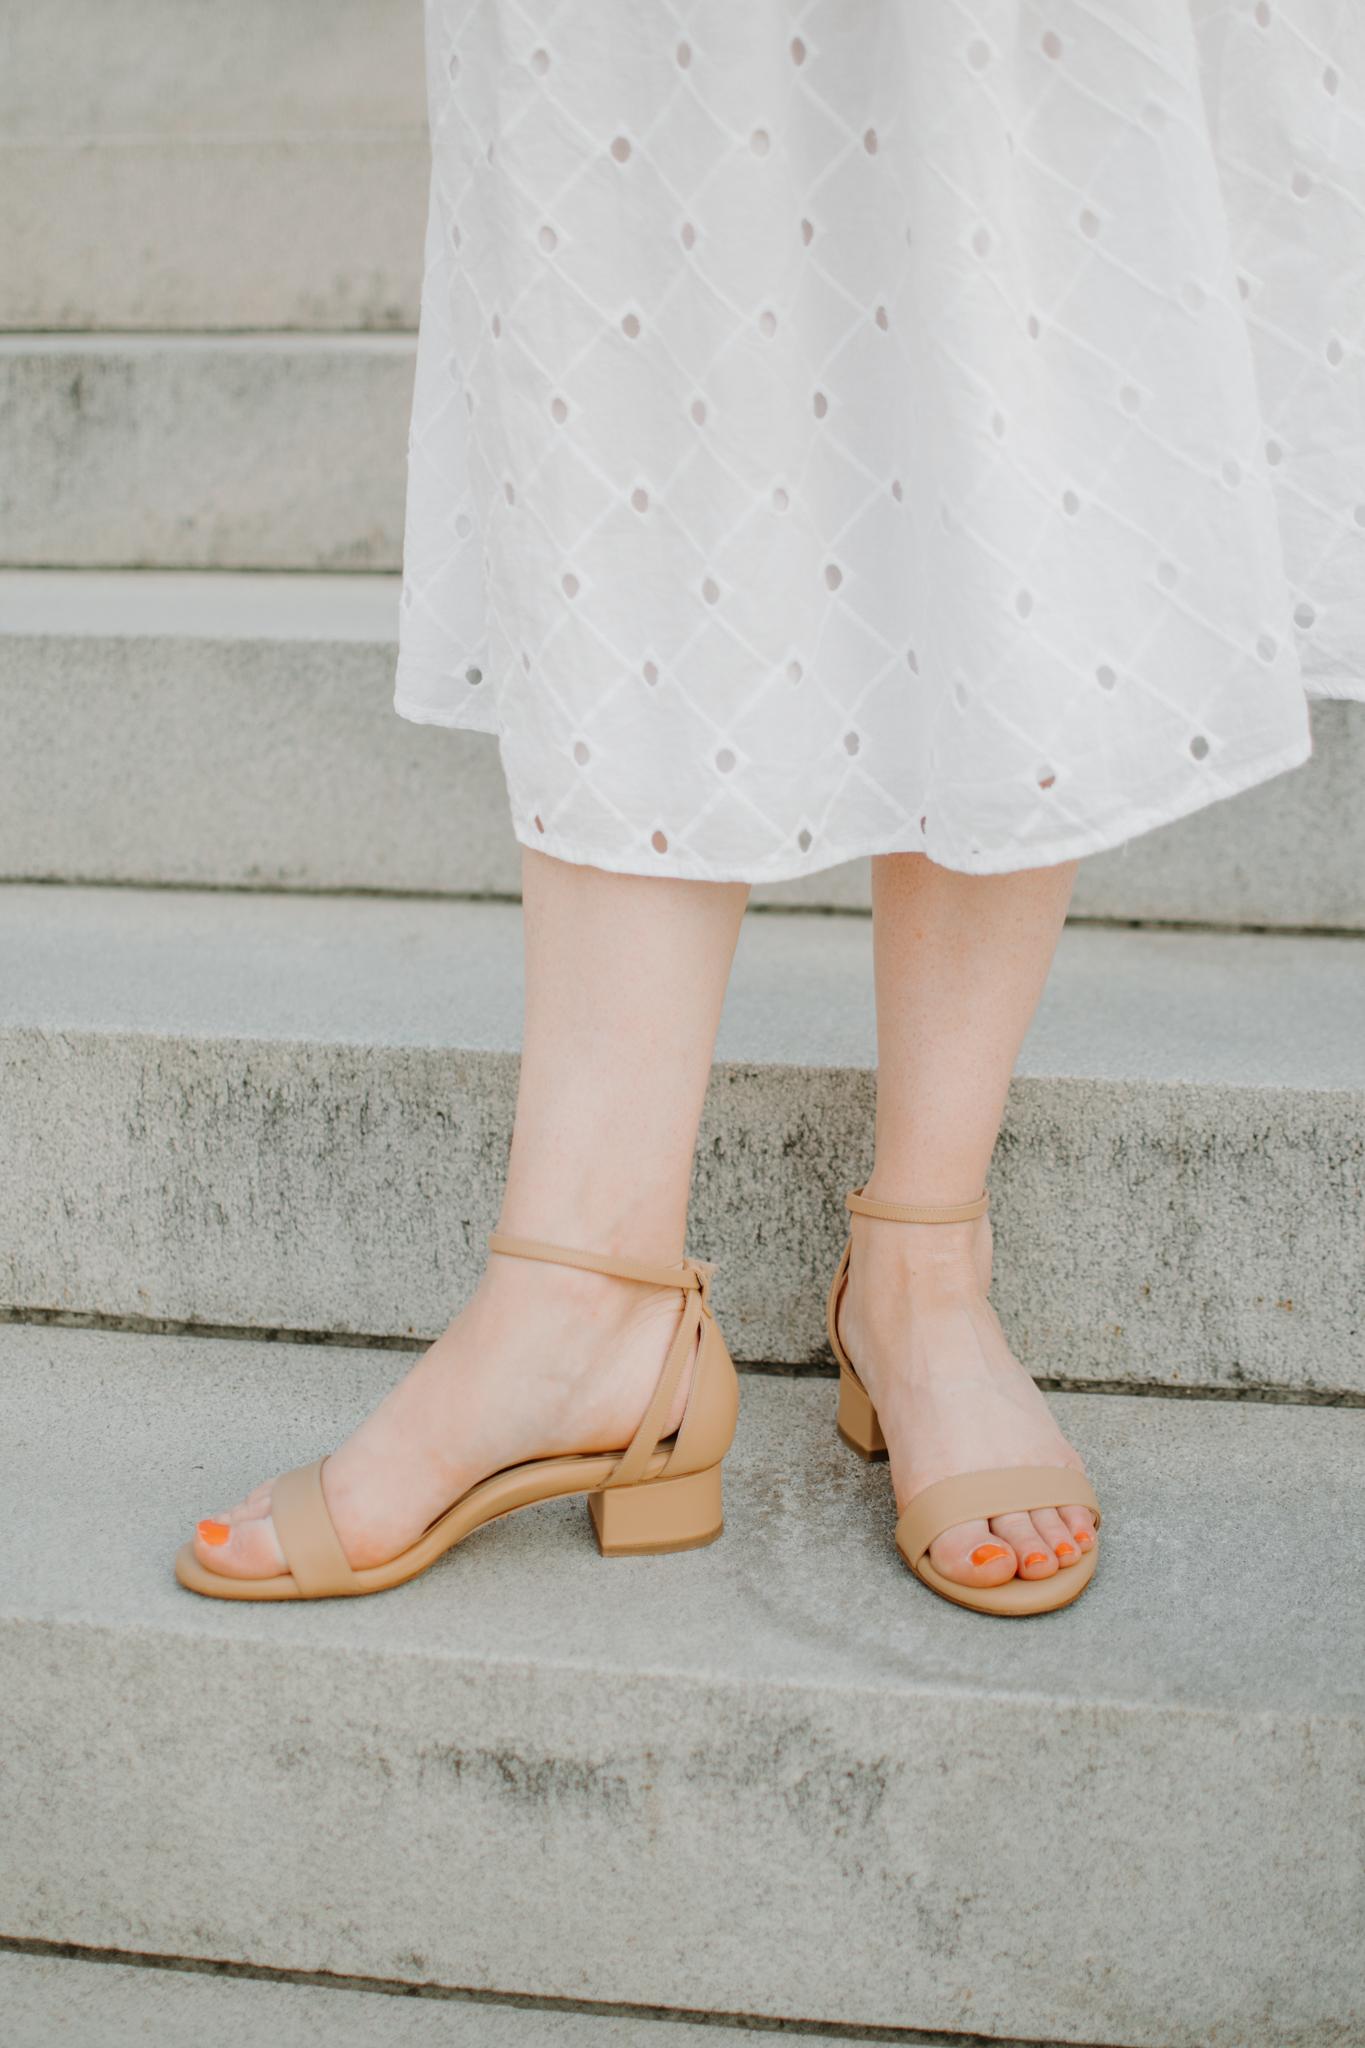 sarah flint perfect block sandal review - sarah flint promo code - sarah flint perfect block sandal - sarah flint sandal